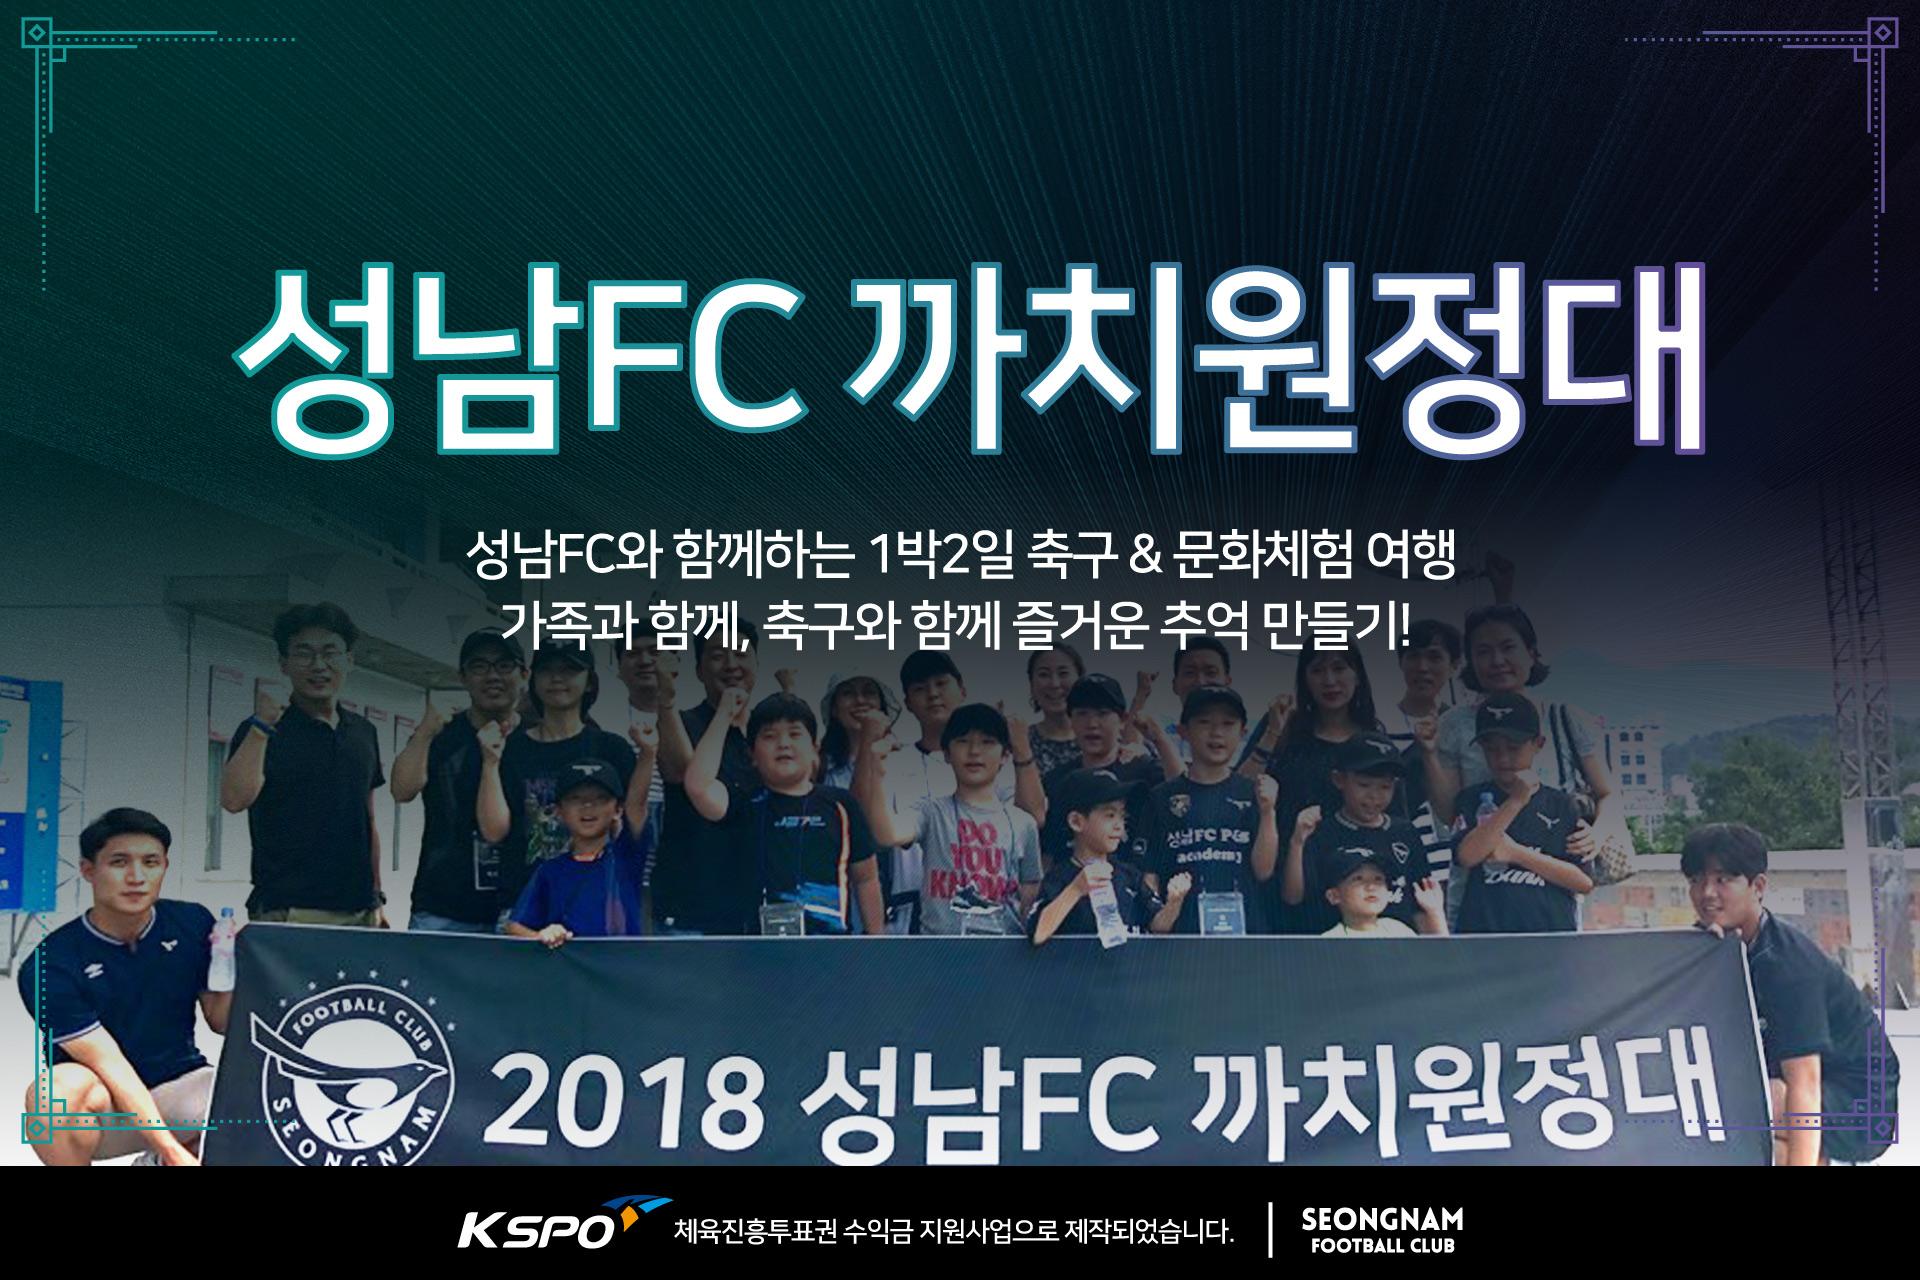 성남FC, 2018 2차 원정경기 문화체험 프로그램 '까치원정대' 모집